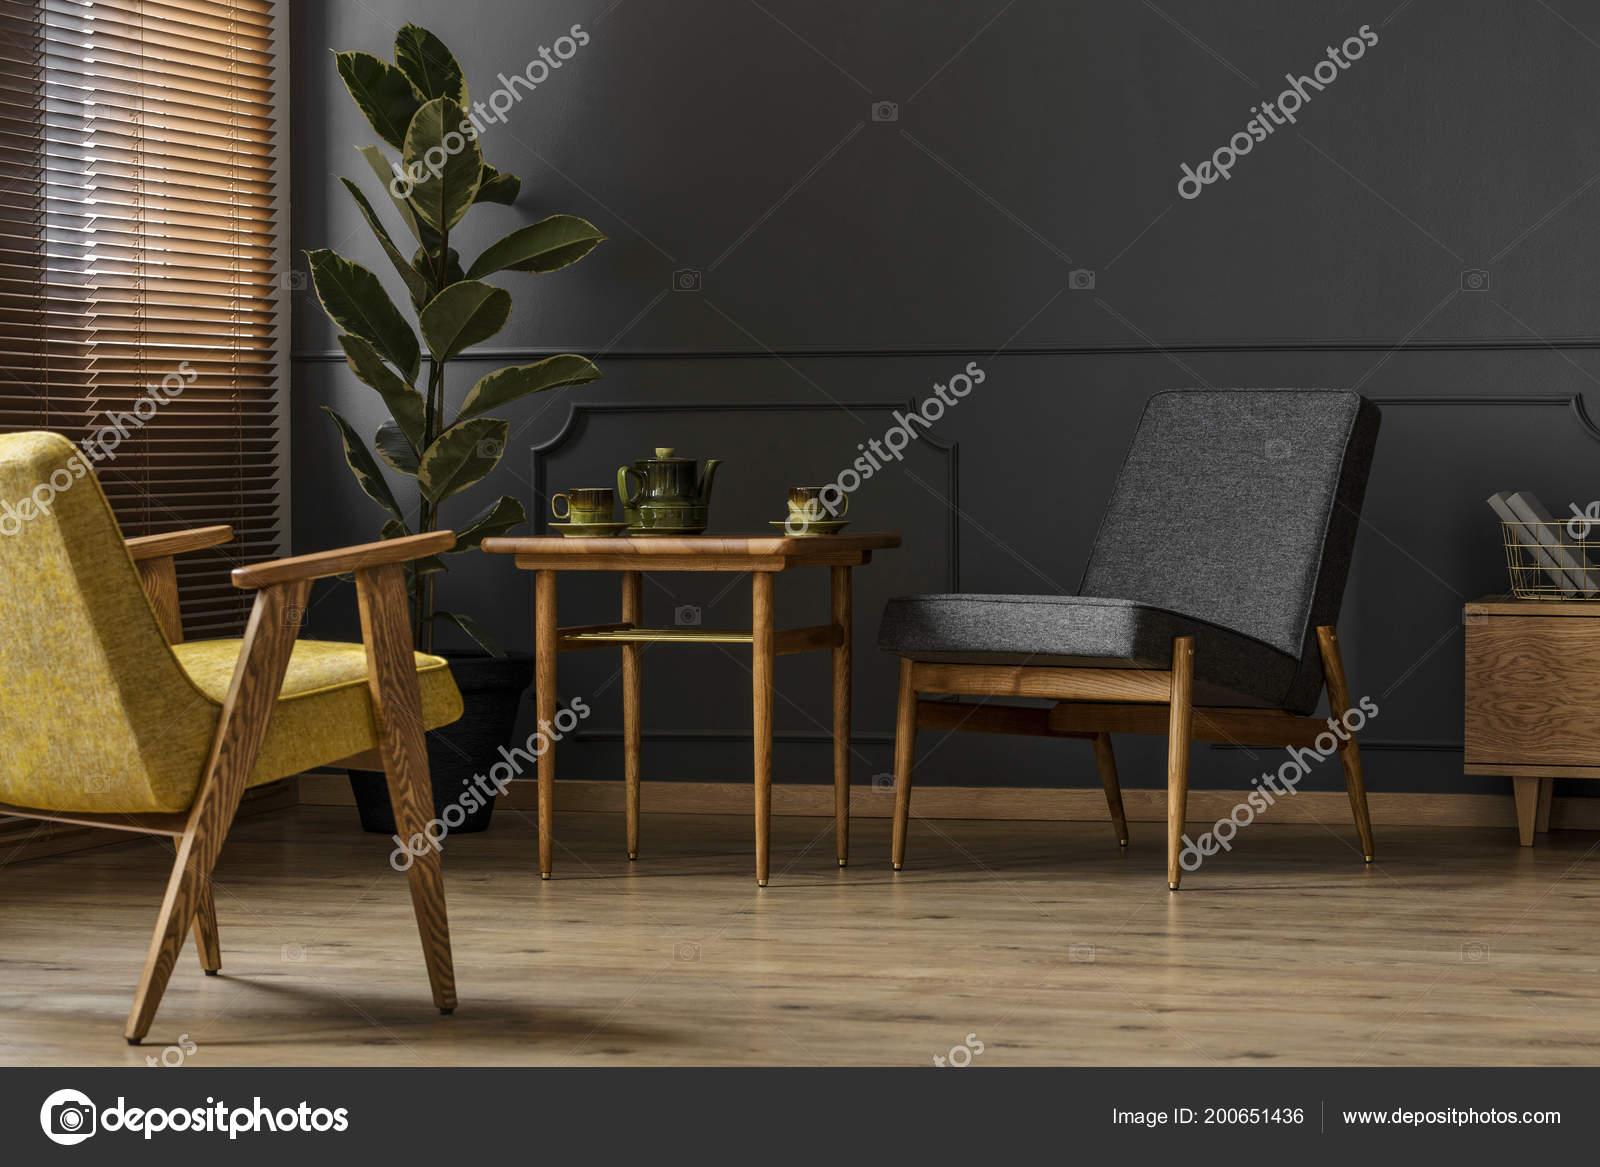 eenvoudige donkere woonkamer retro interieur concept met twee stoelen kruk stockfoto